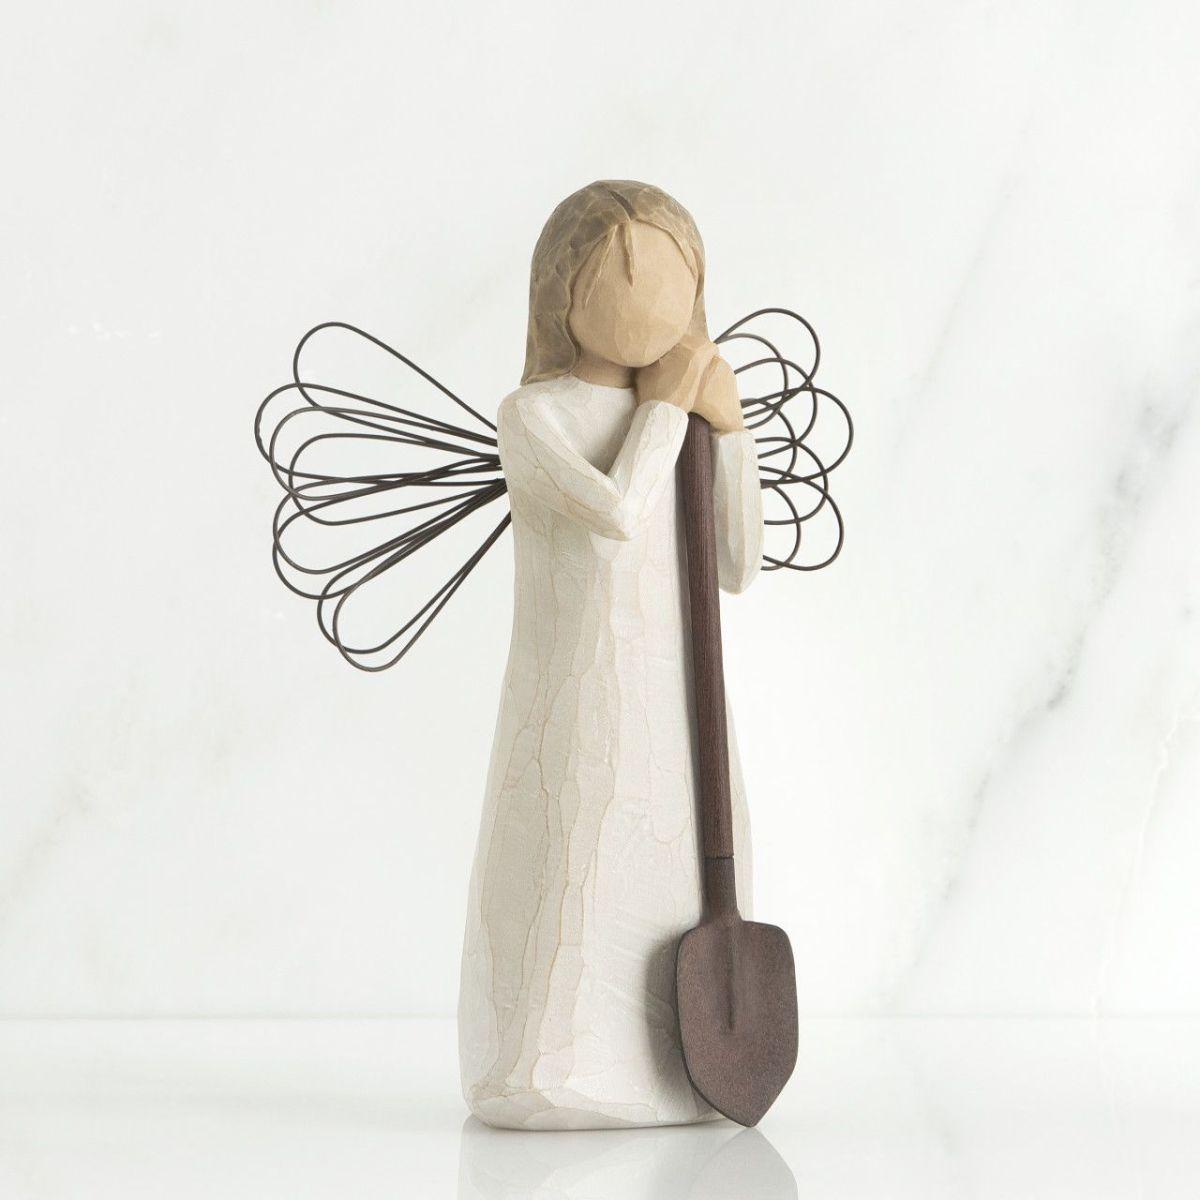 ウィローツリー天使像 【Angel of the Garden】 - 庭園